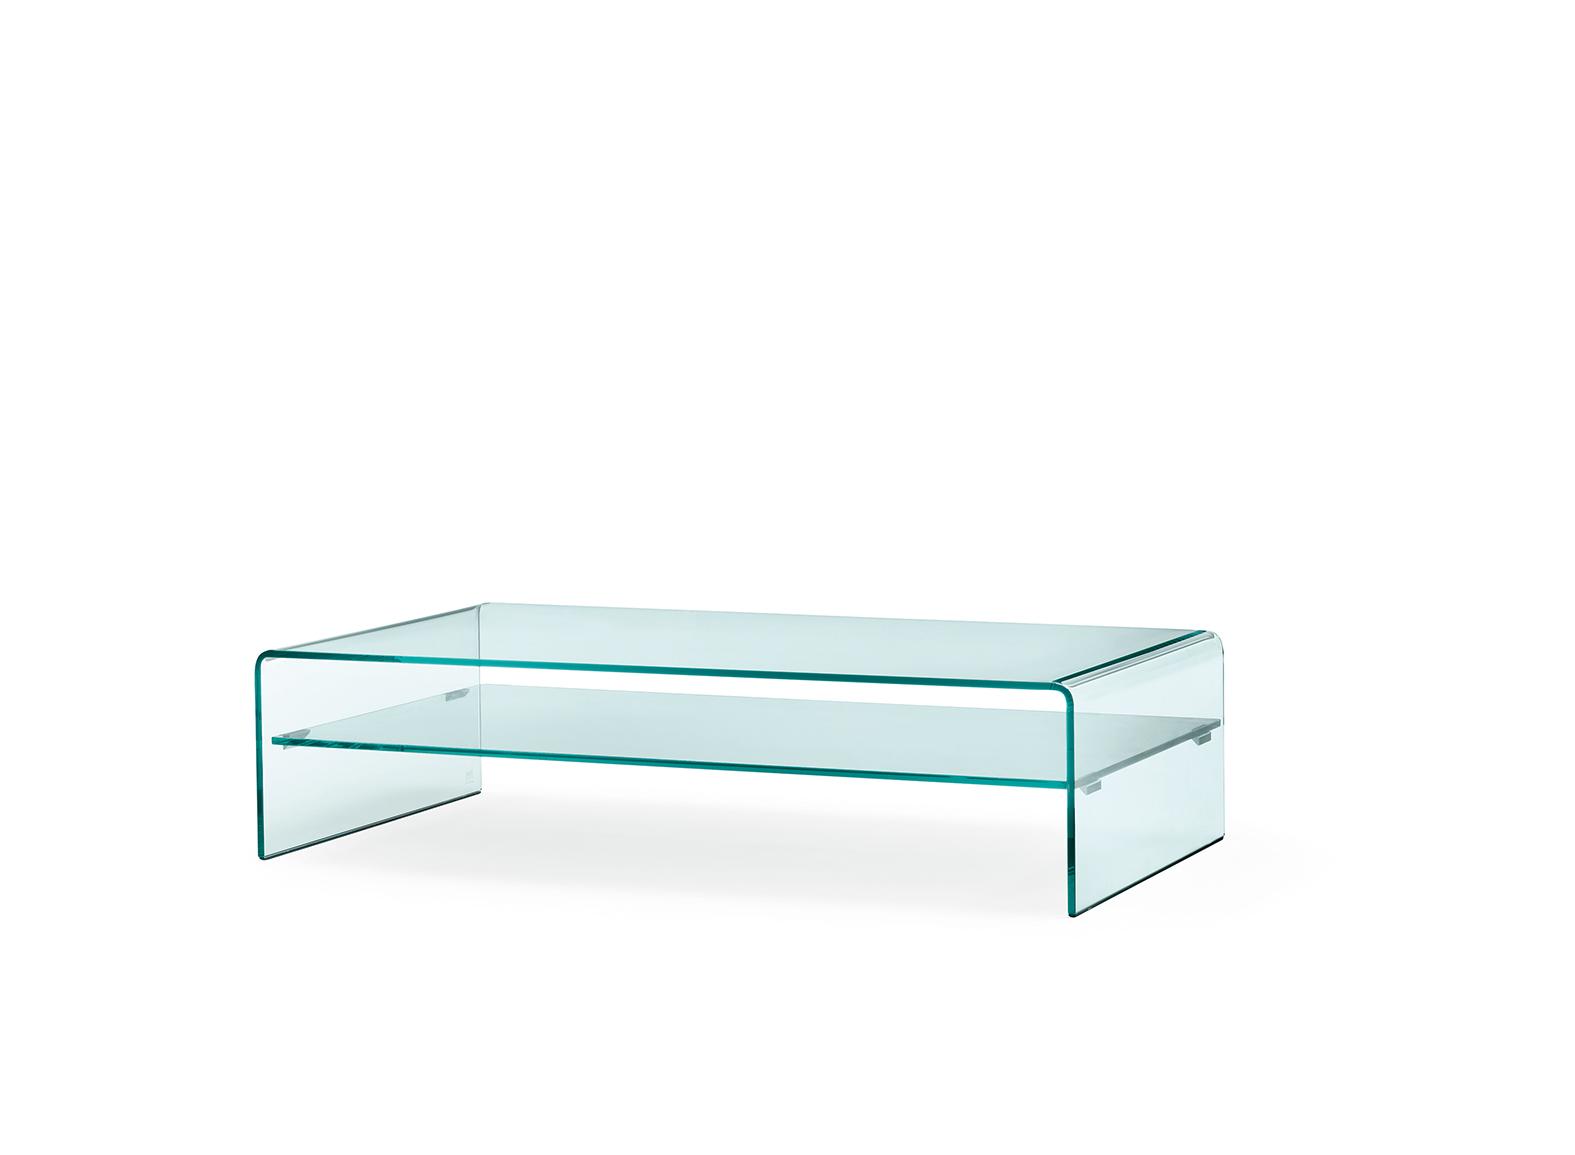 Glas Voor Salontafel.Fiam Glazen Salontafel Rialto Piano